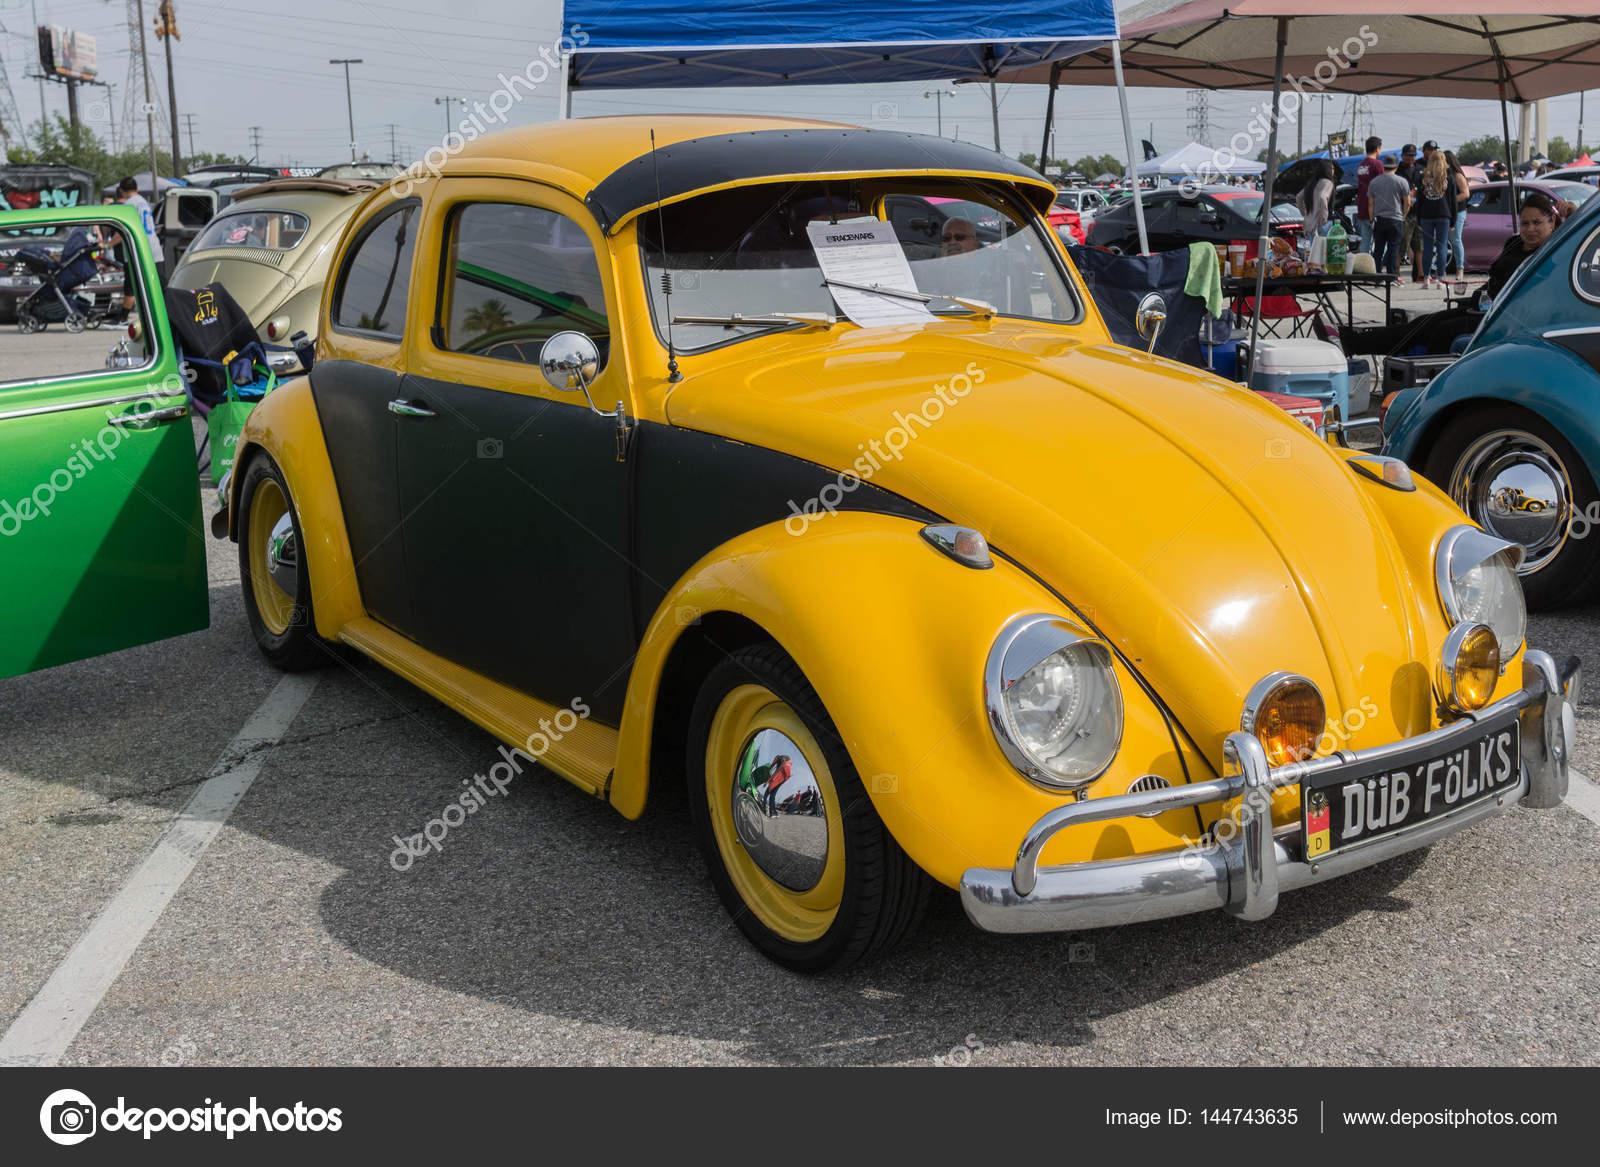 volkswagen escarabajo autos en exhibici n foto editorial de stock bettorodrigues 144743635. Black Bedroom Furniture Sets. Home Design Ideas